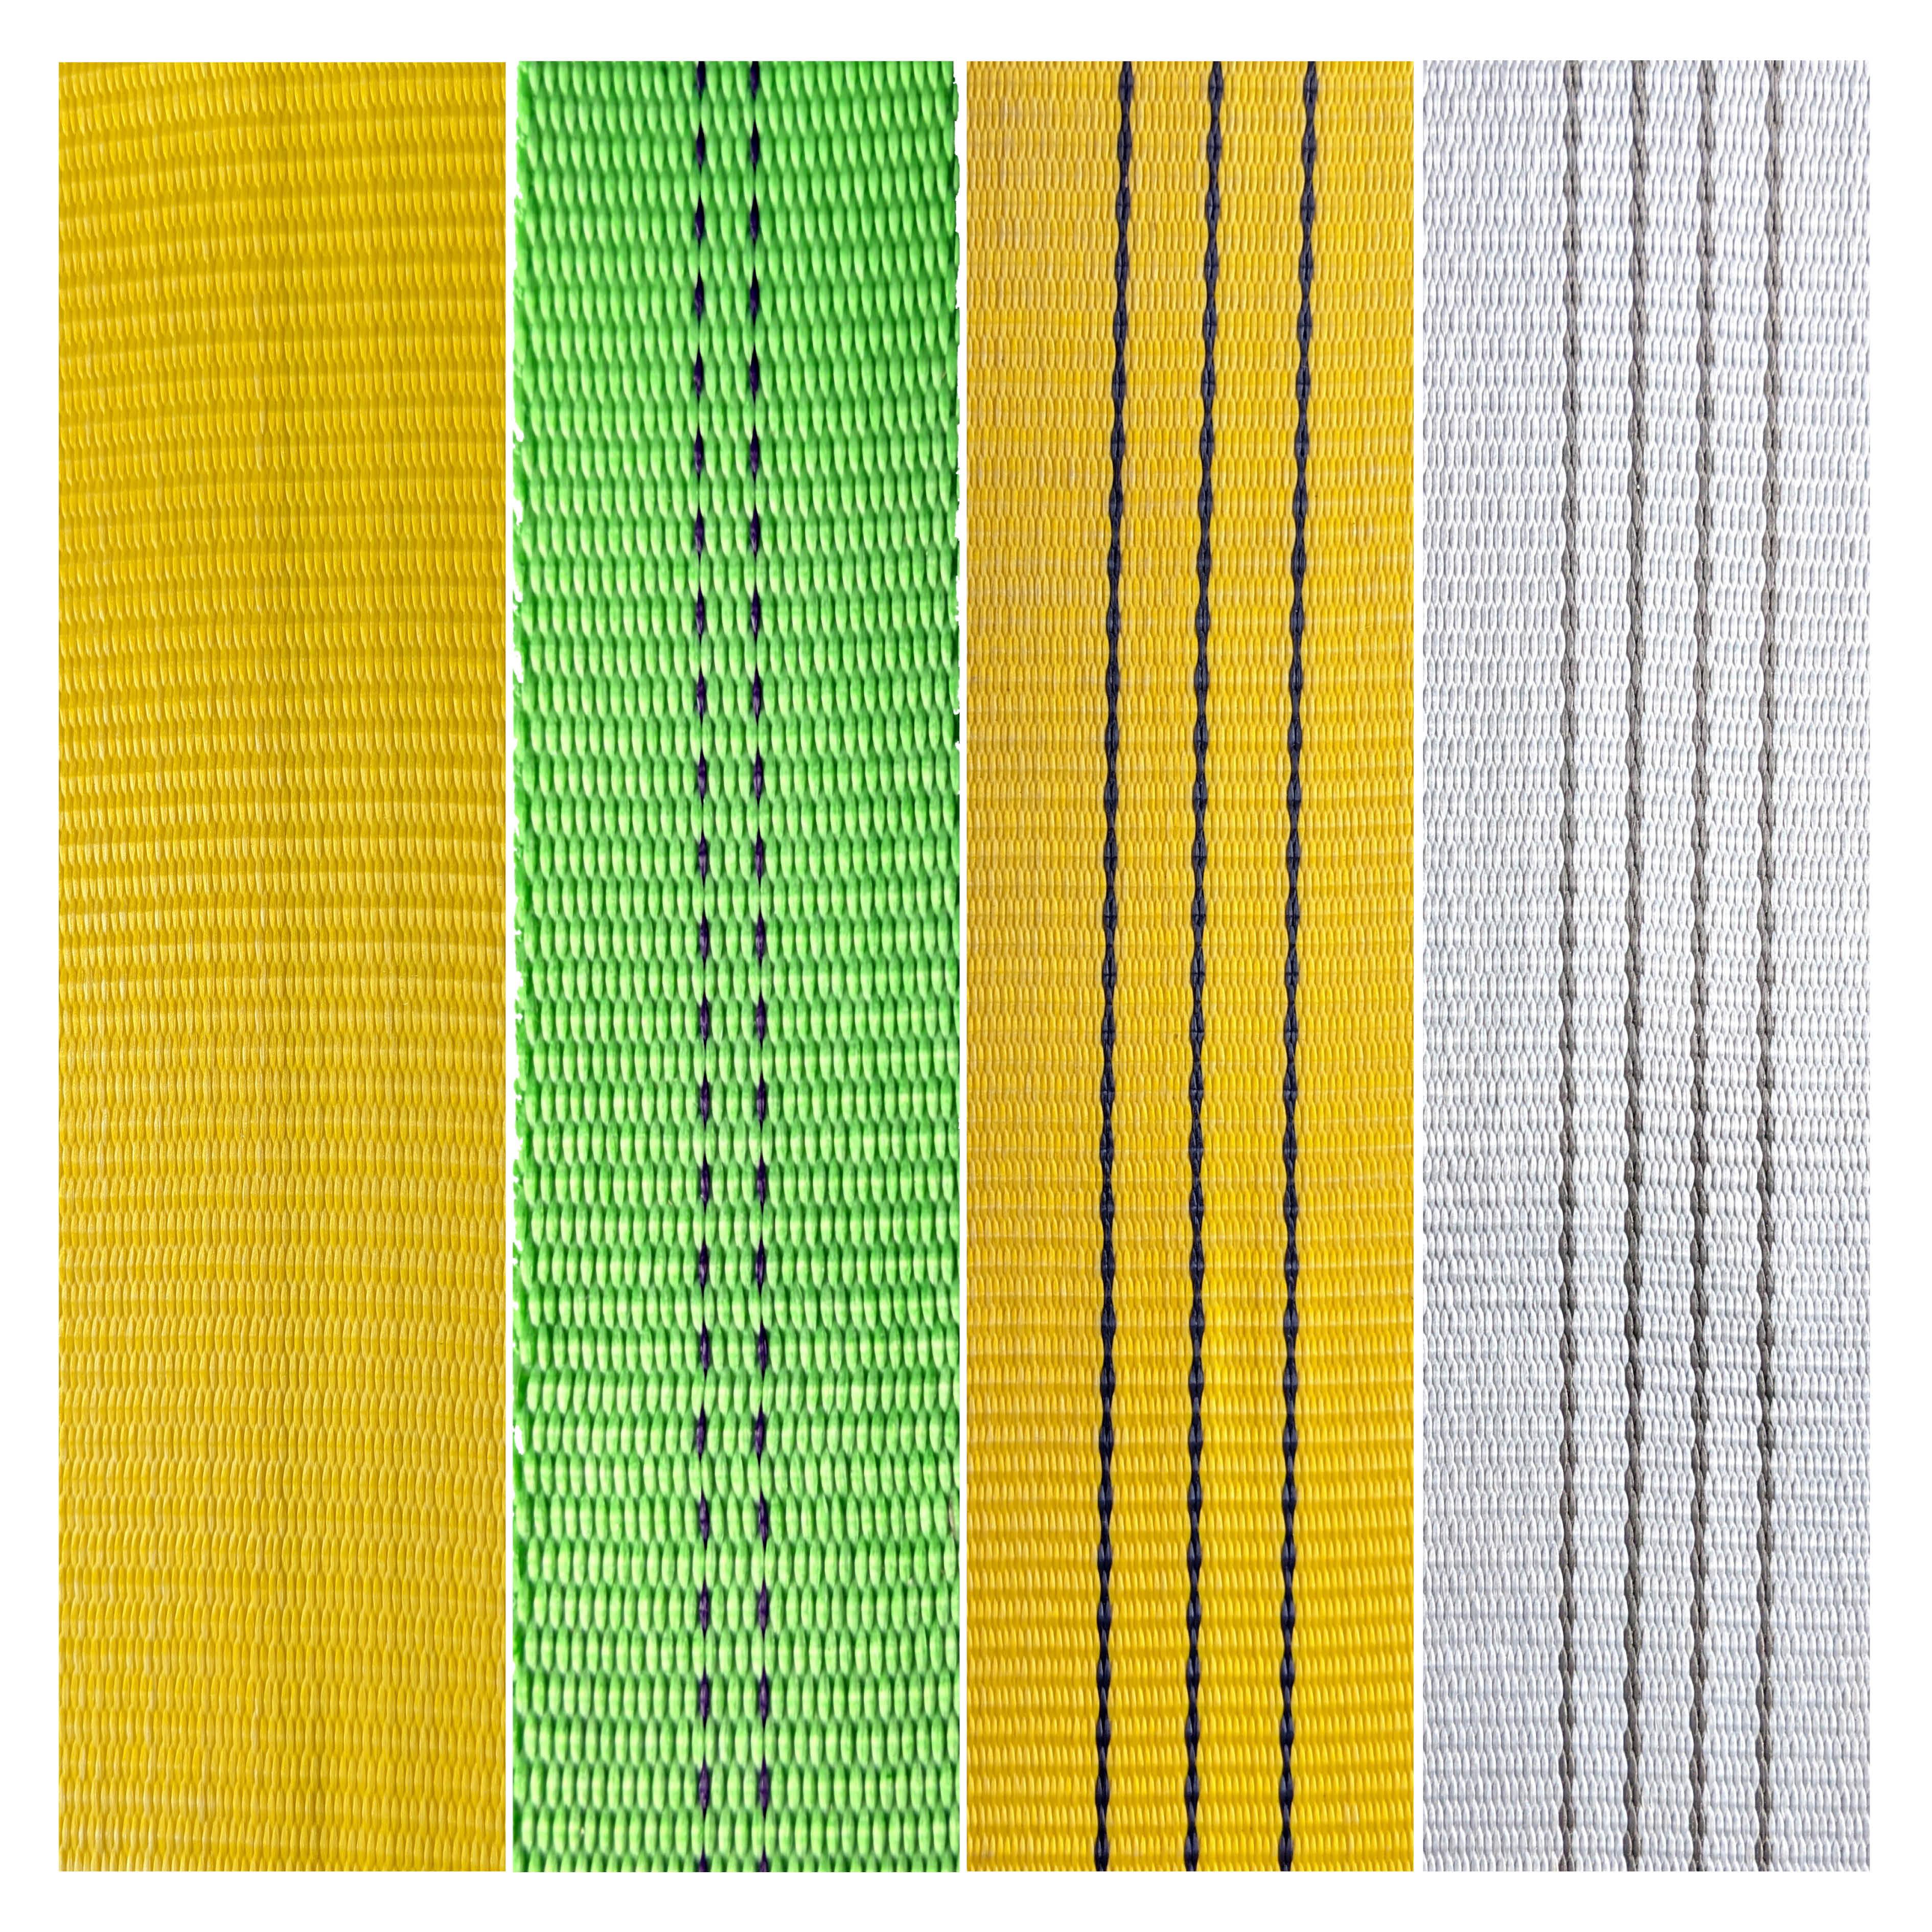 Gurtband 60 - 120 mm breite